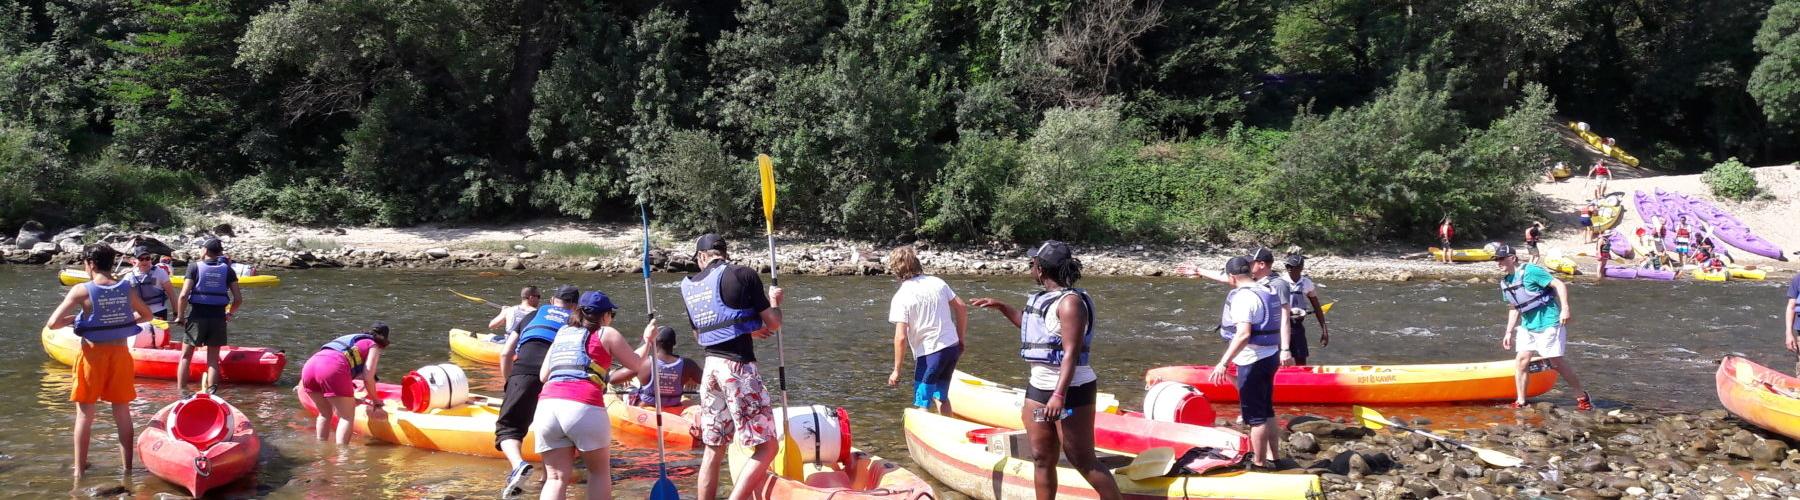 Week-end en Ardèche - Enterrement de vie de célibataire